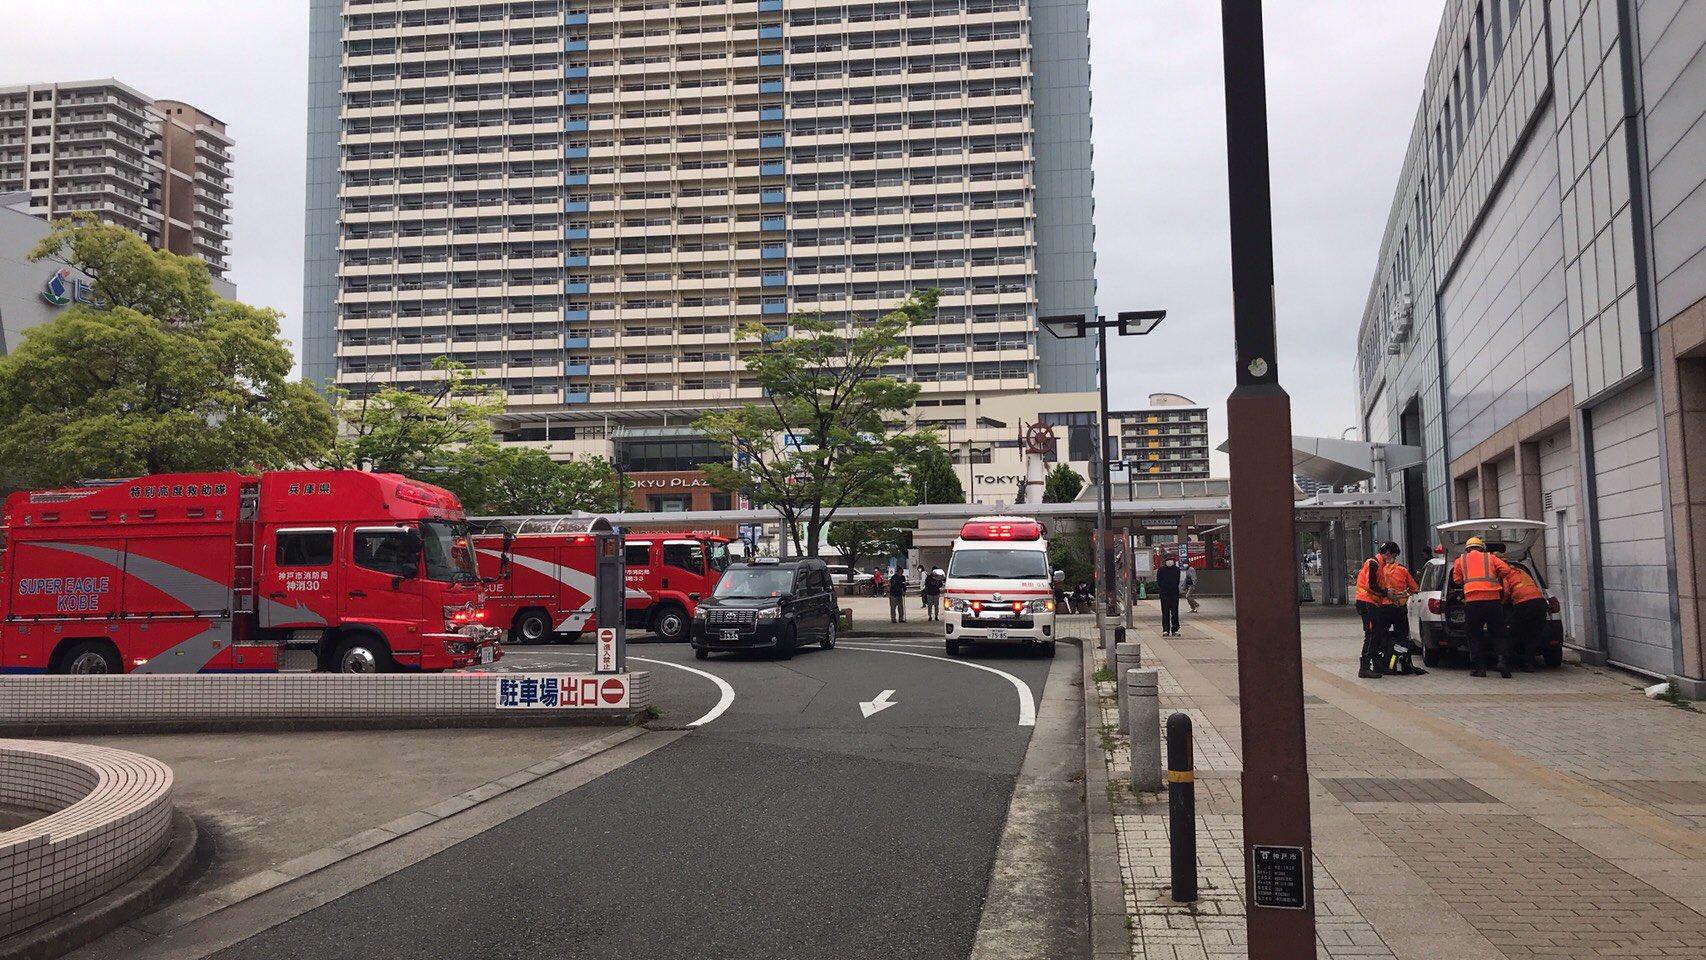 新長田駅に緊急車両が集結している画像